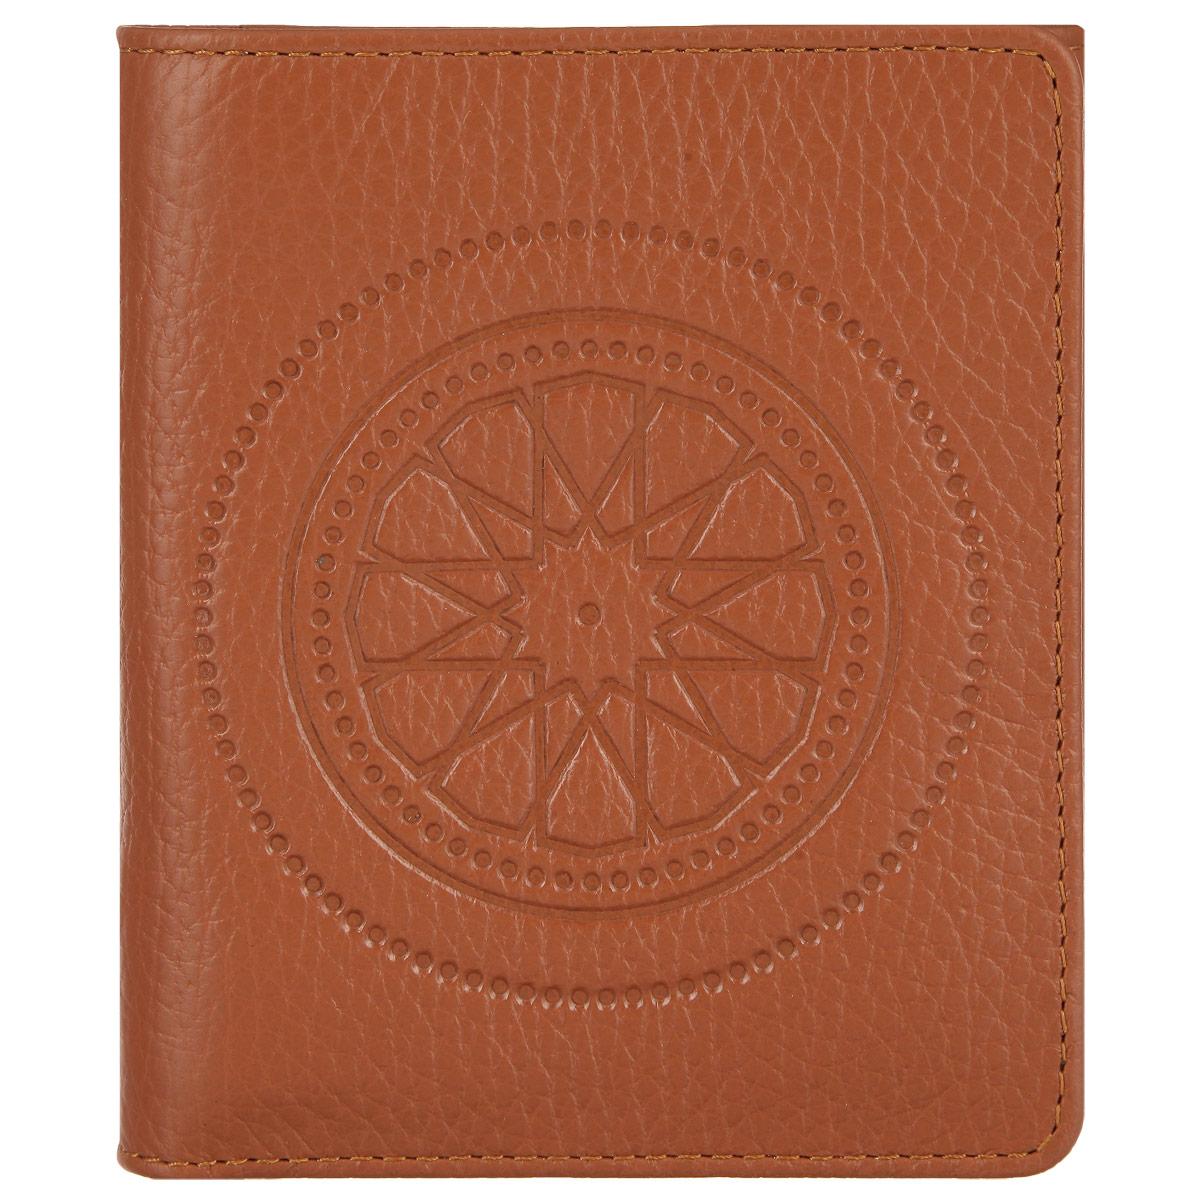 Кошелек женский Fabula Talisman, цвет: рыжий. PJ.107.SNPJ.107.SN. рыжийСтильный женский кошелек Fabula Talisman выполнен из натуральной кожи с зернистой текстурой, оформлен декоративным тиснением. Кошелек закрывается на кнопку, внутри расположены: два отделения для купюр, шесть накладных карманов для пластиковых карт или визиток. Снаружи расположен карман для мелочи на кнопке. Такой кошелек станет прекрасным и стильным подарком человеку, любящему оригинальные и практичные вещи.